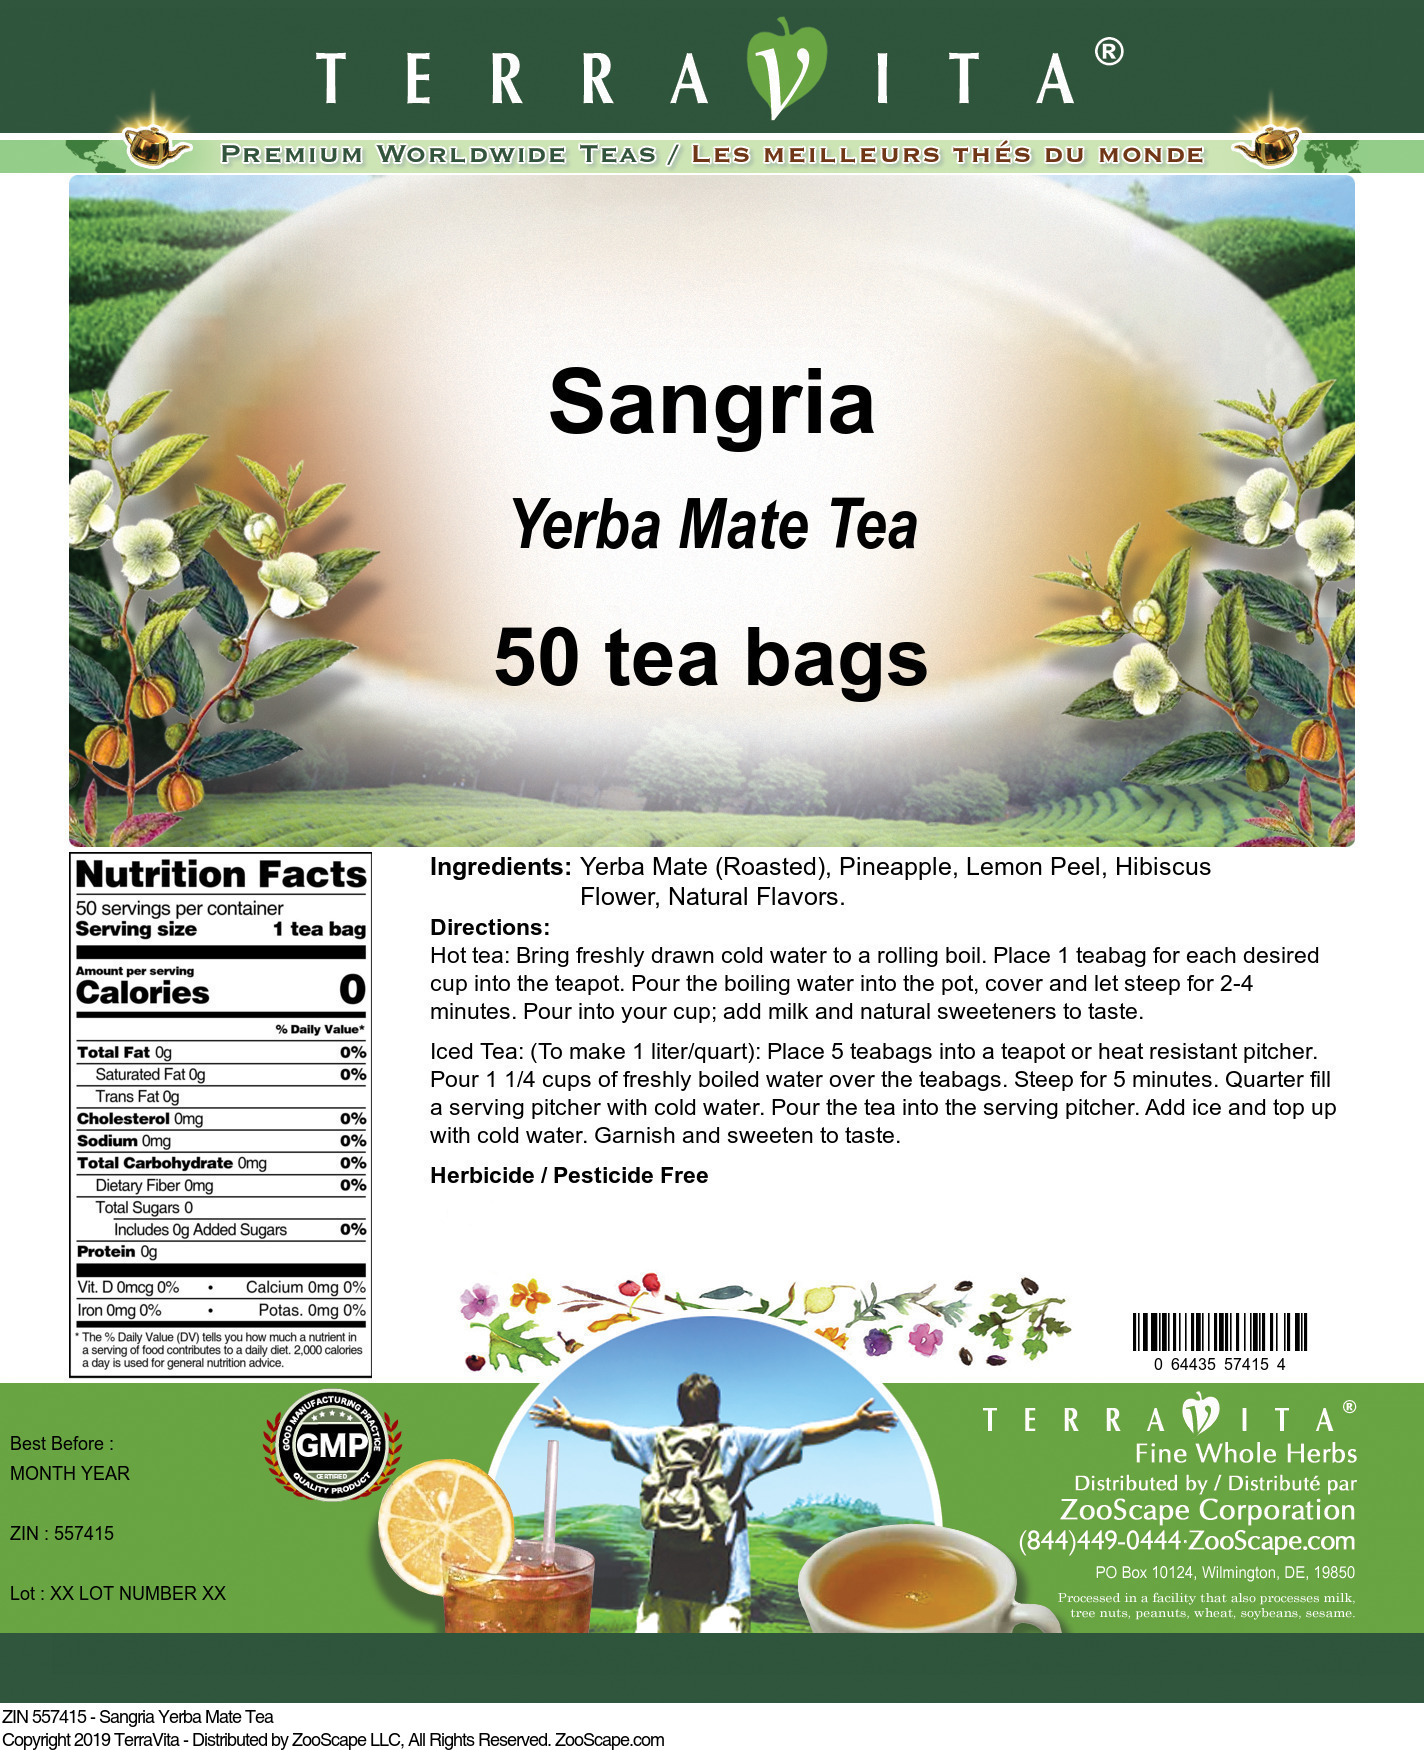 Sangria Yerba Mate Tea